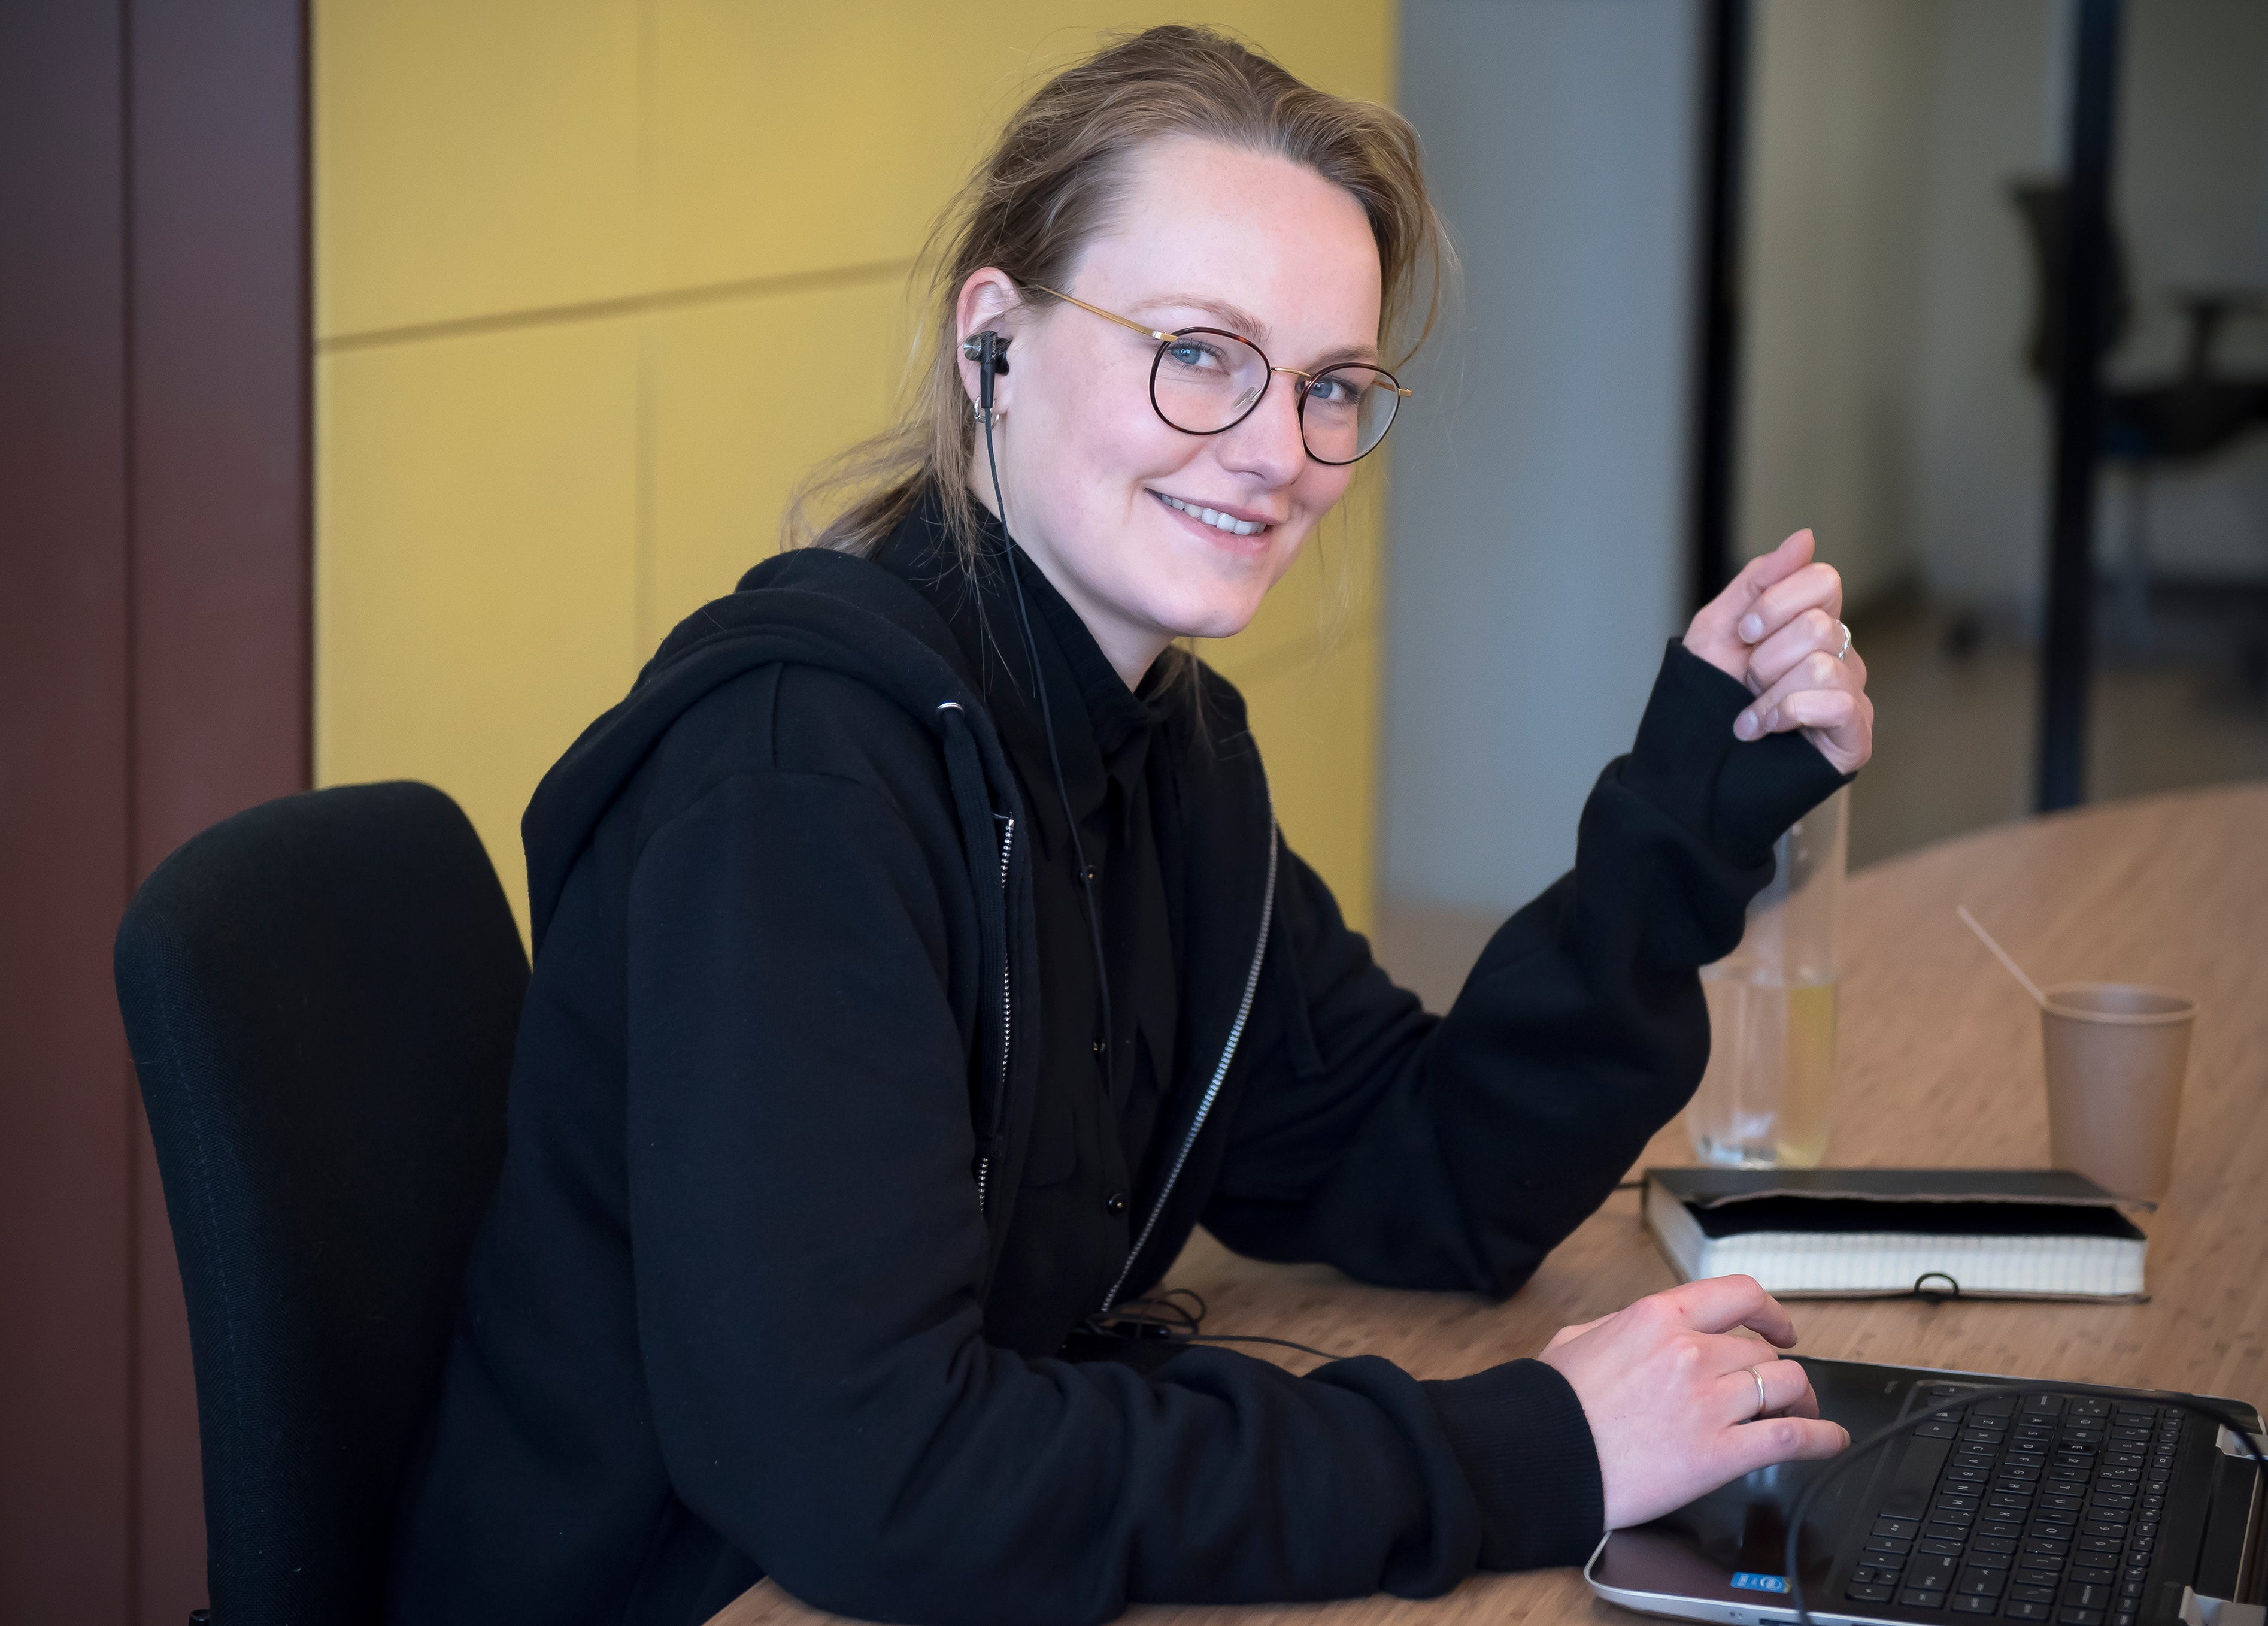 Blond meisje met bril in zwart shirt zit aan bureau en kijkt camera in van opzij